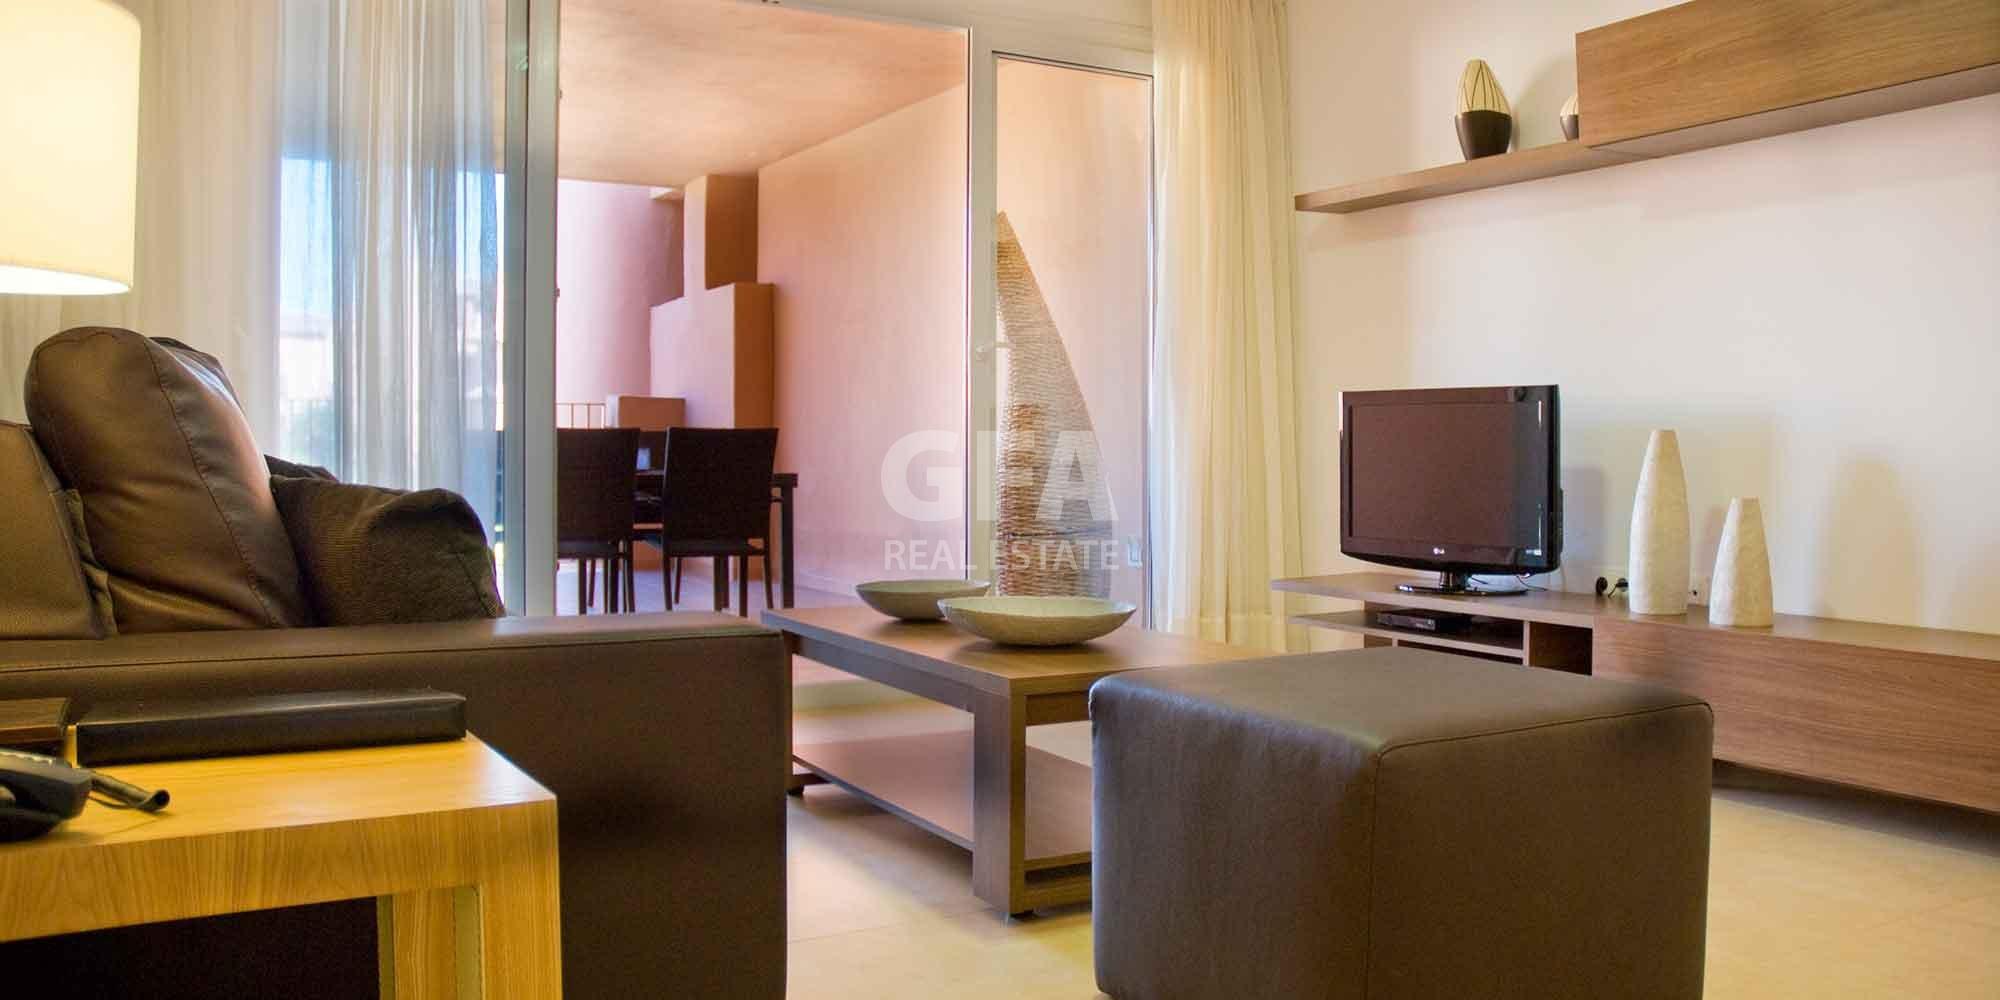 Residencial obra nueva Mar Menor Golf Resort comedor salón